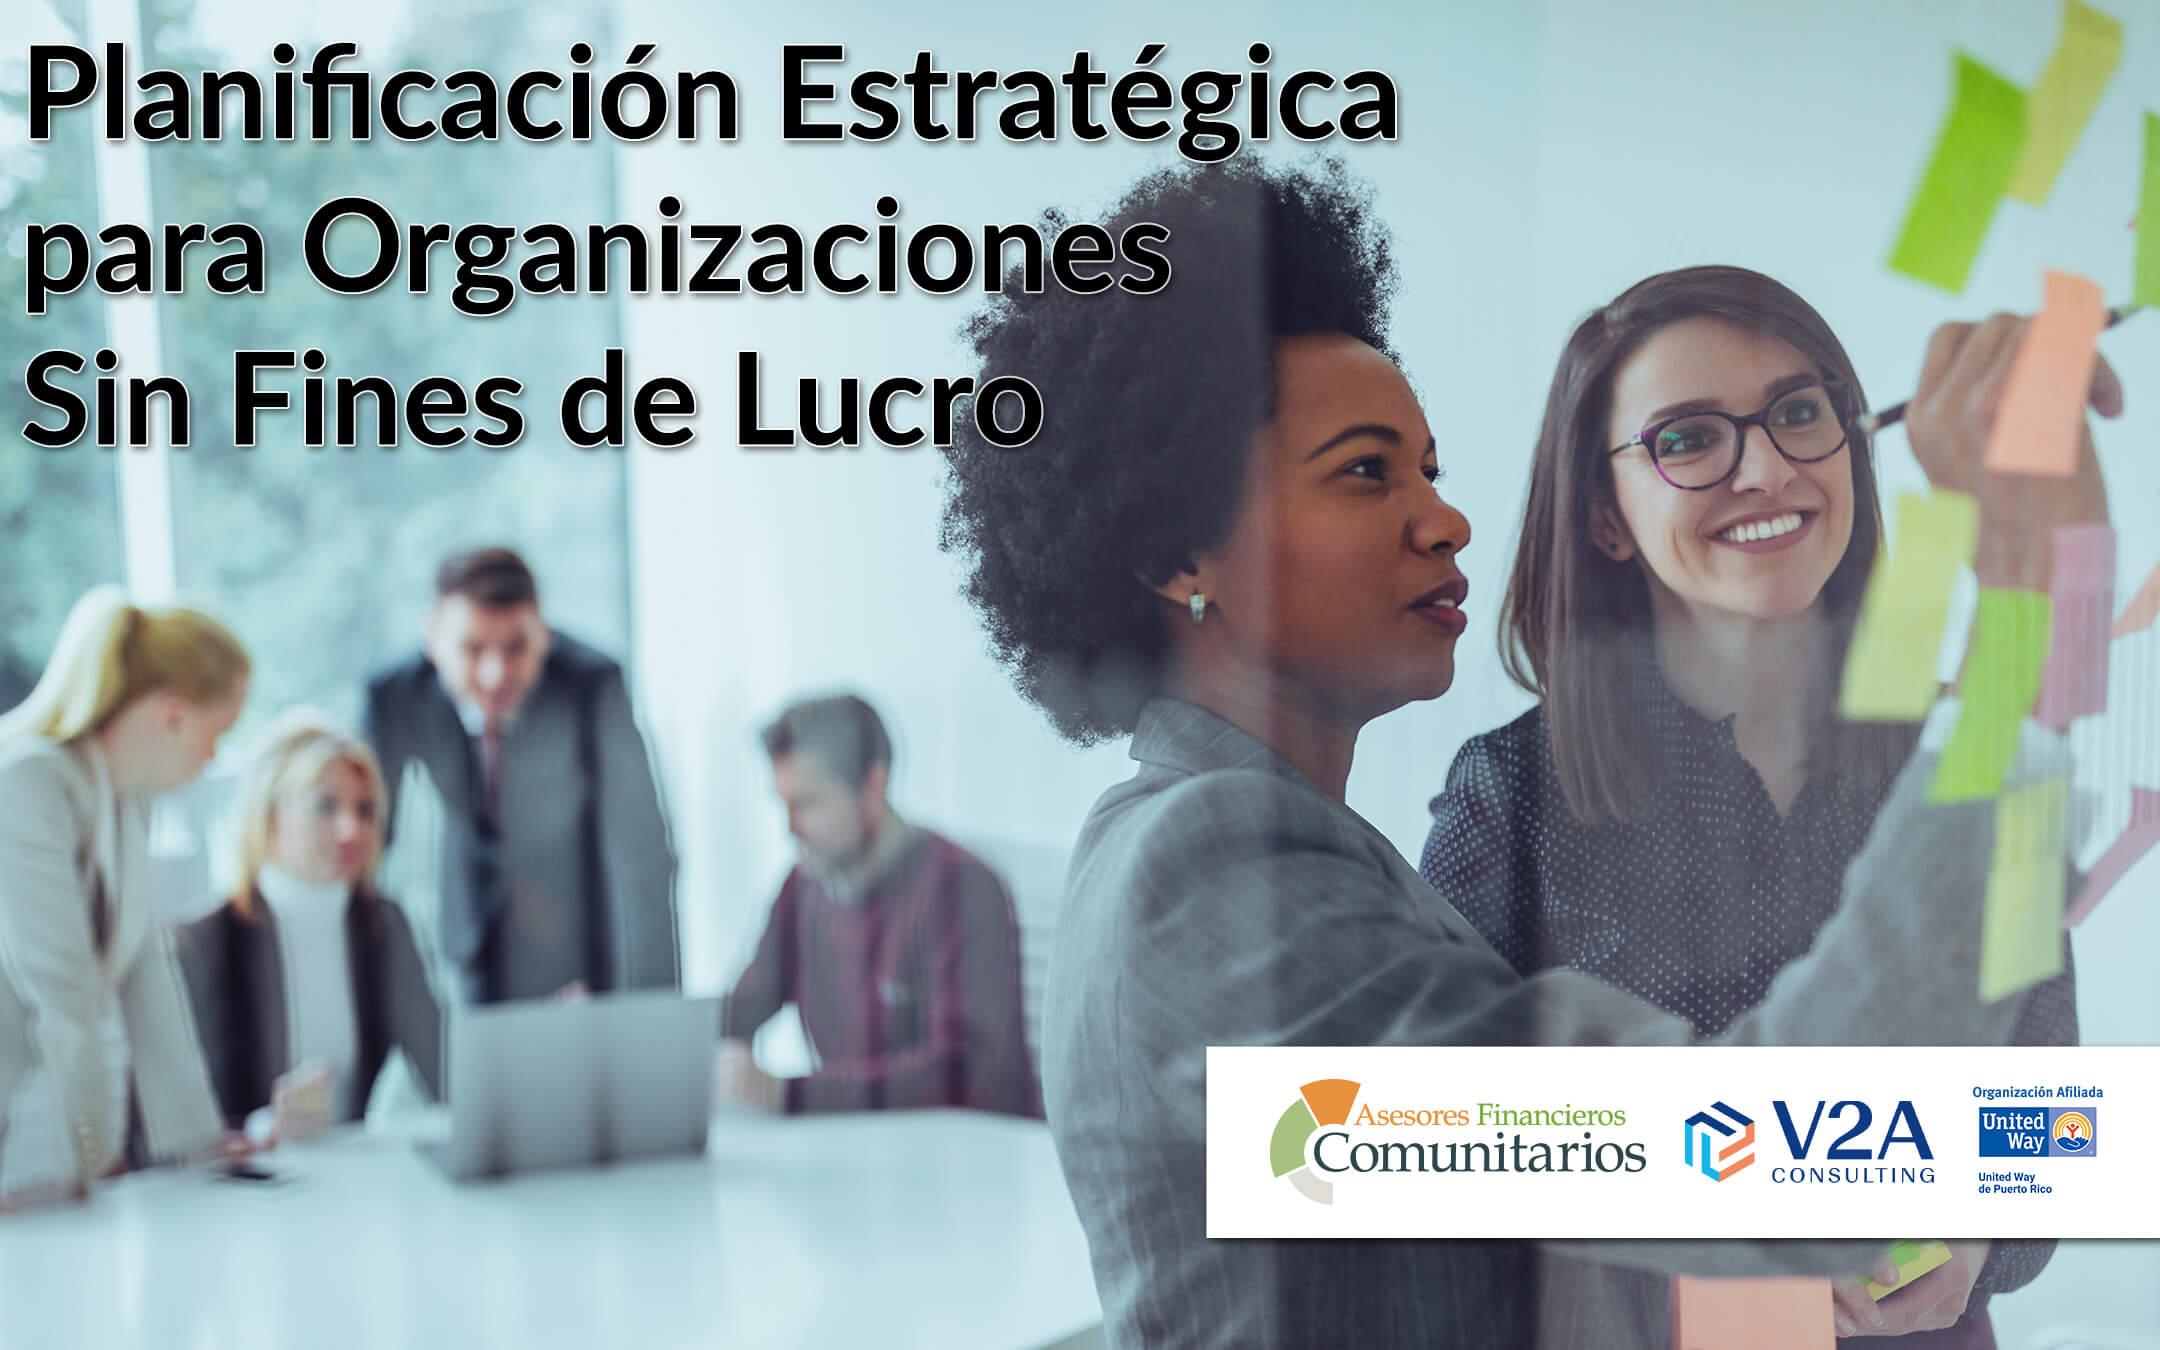 Planificación Estratégica para Organizaciones Sin Fines de Lucro